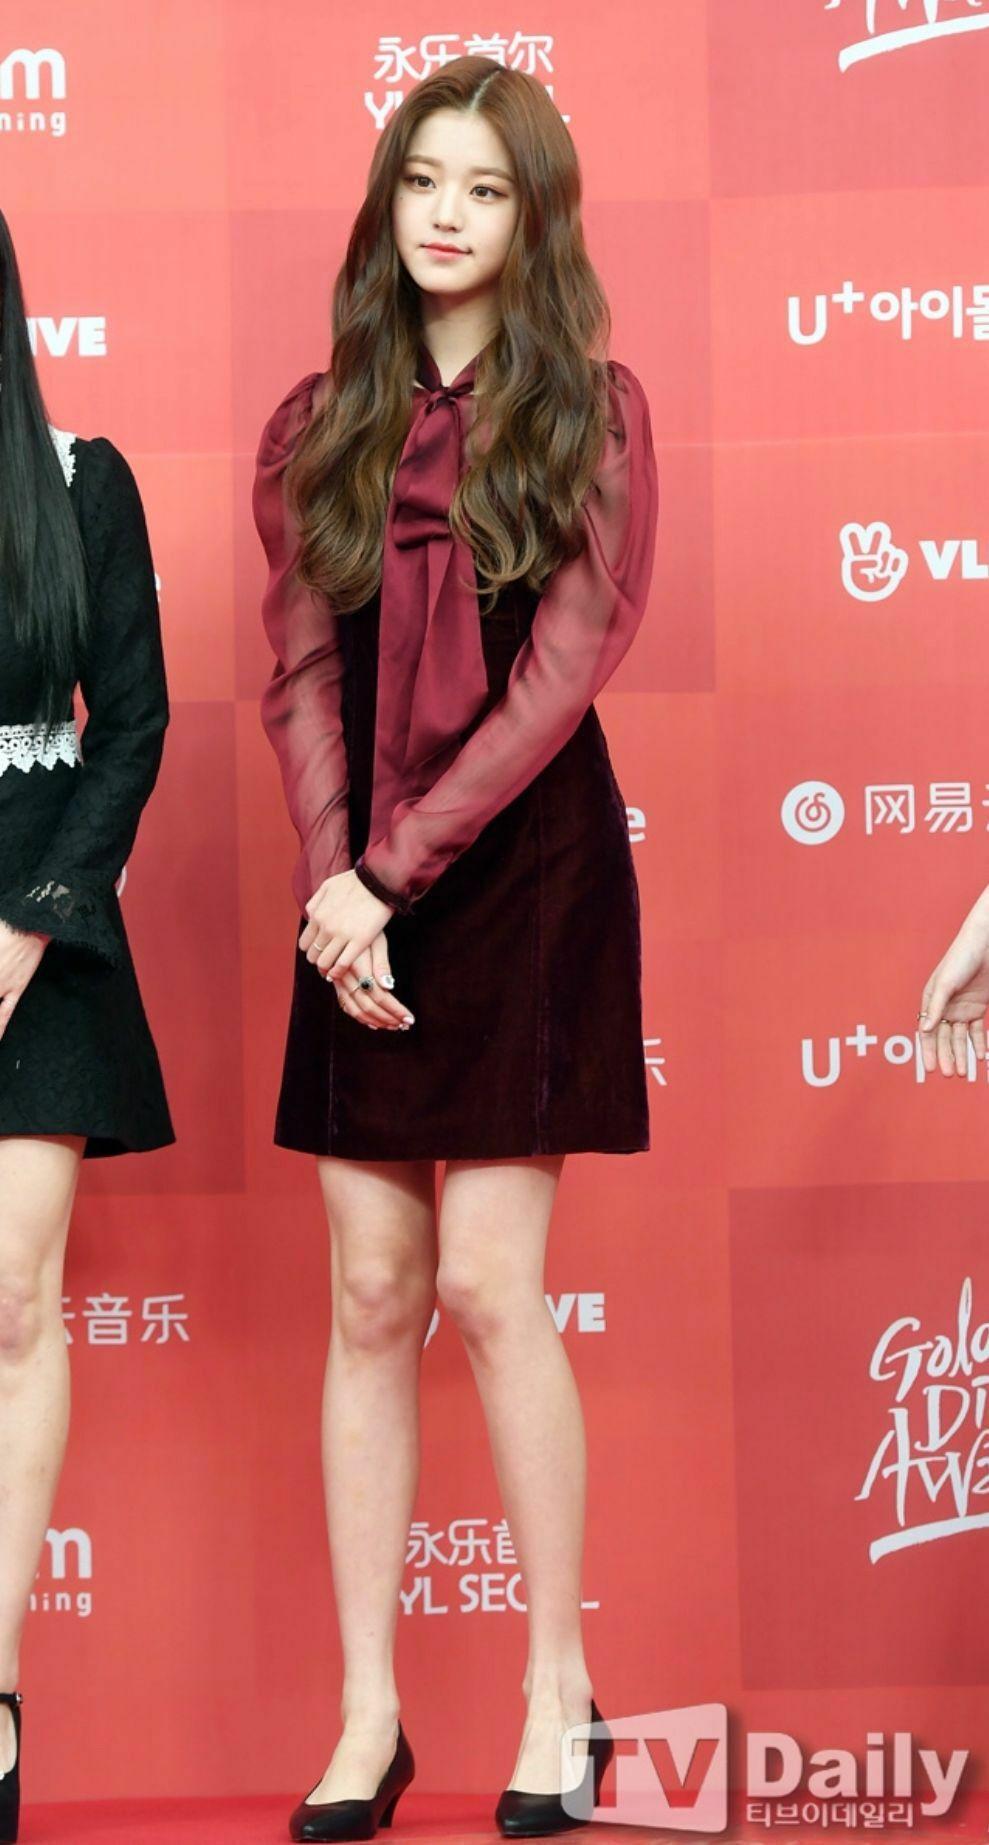 Seo Hyun đẹp lấn át đàn em 10x khi đụng hàng - 10